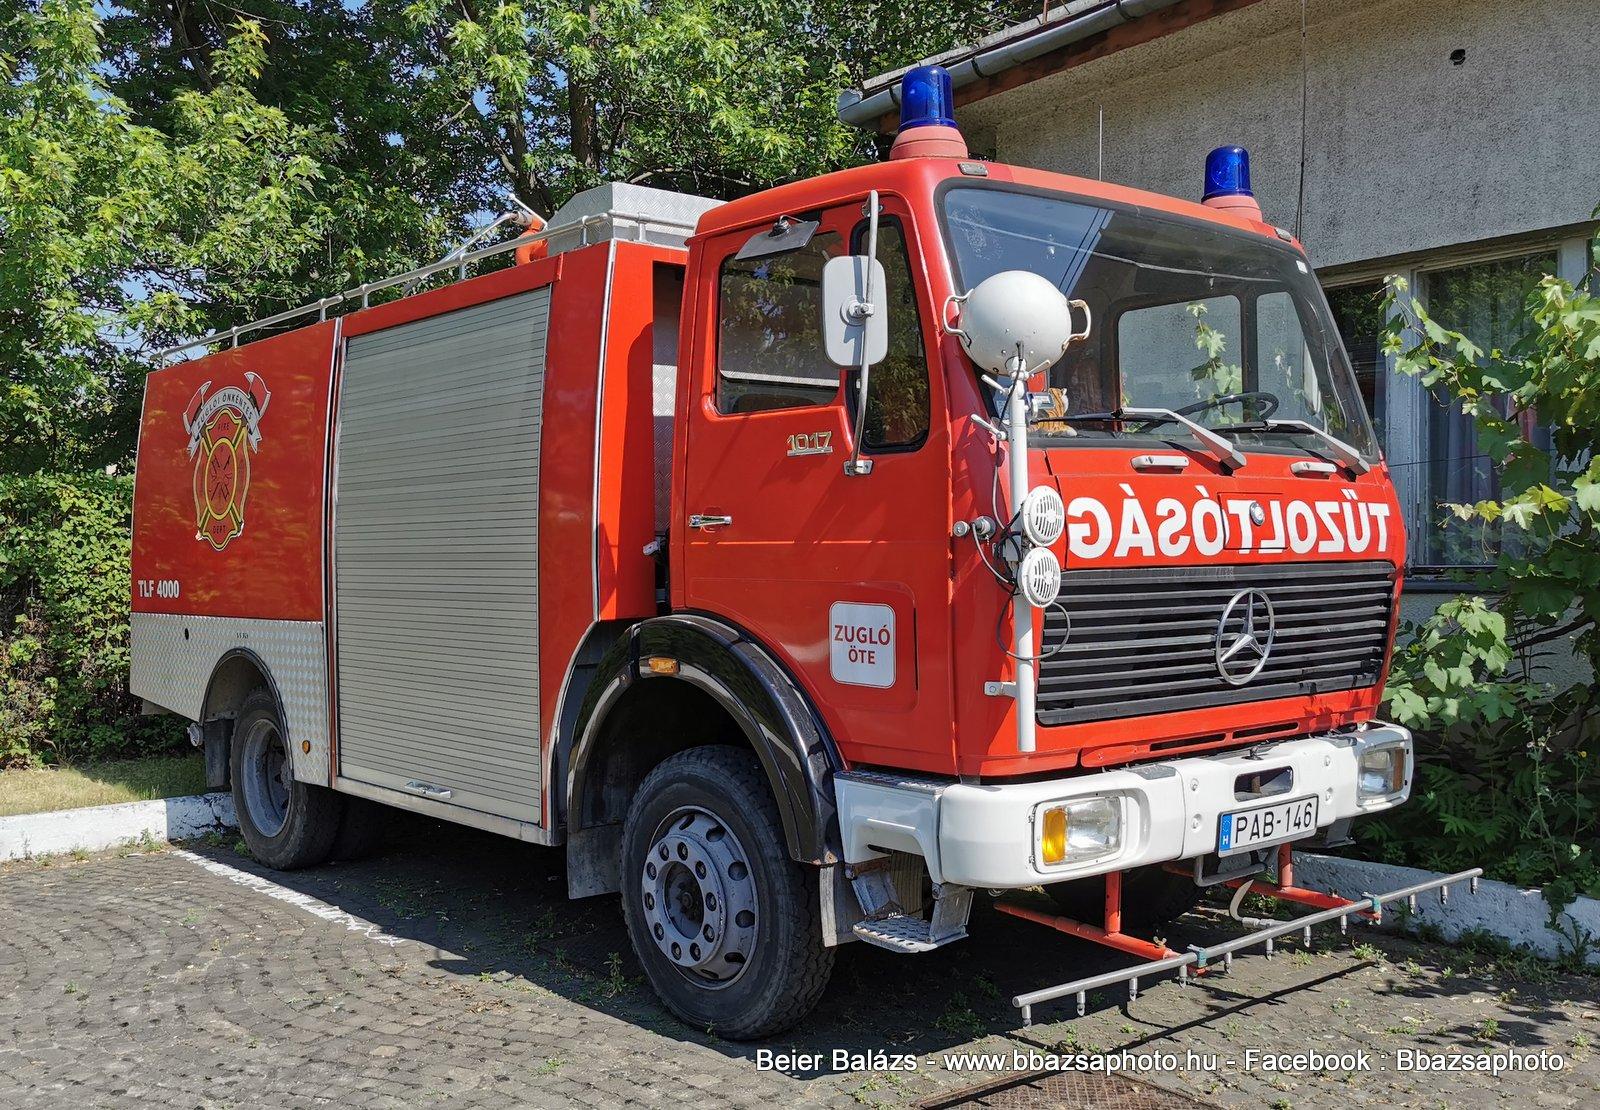 Mercedes 1017 – Zugló ÖTE